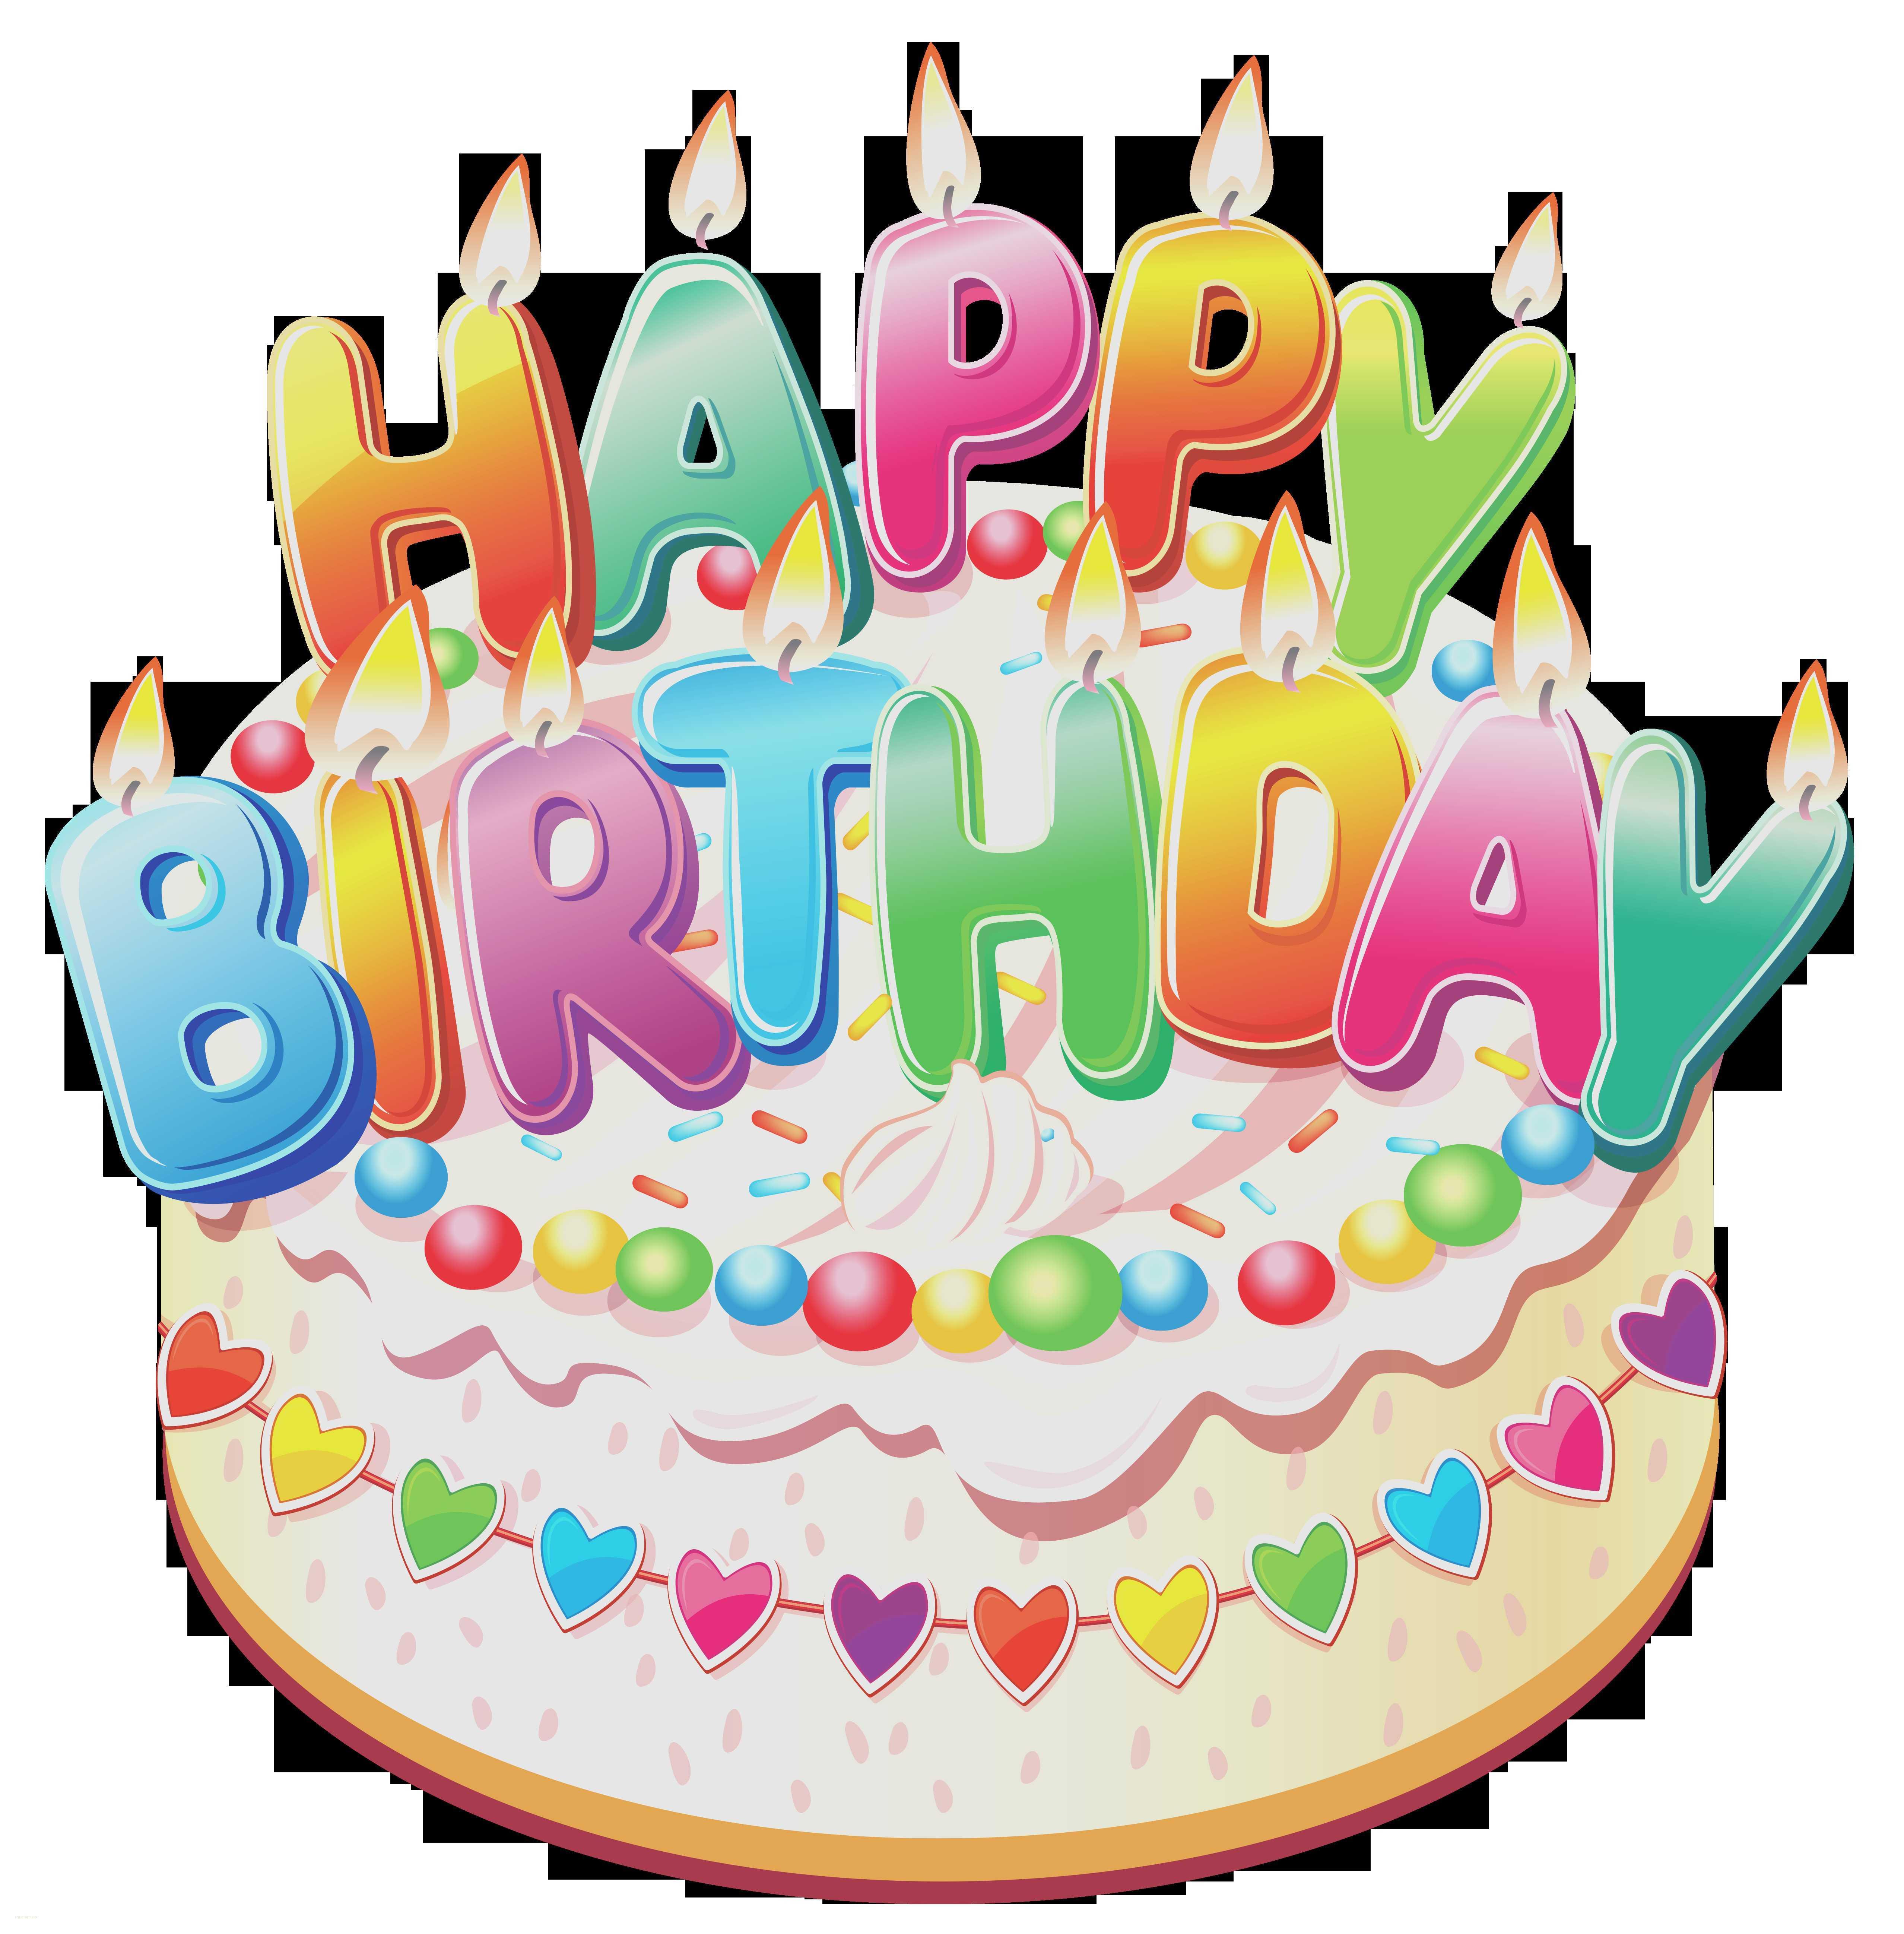 Free Photo Birthday Cake Clipart Birthday Cake